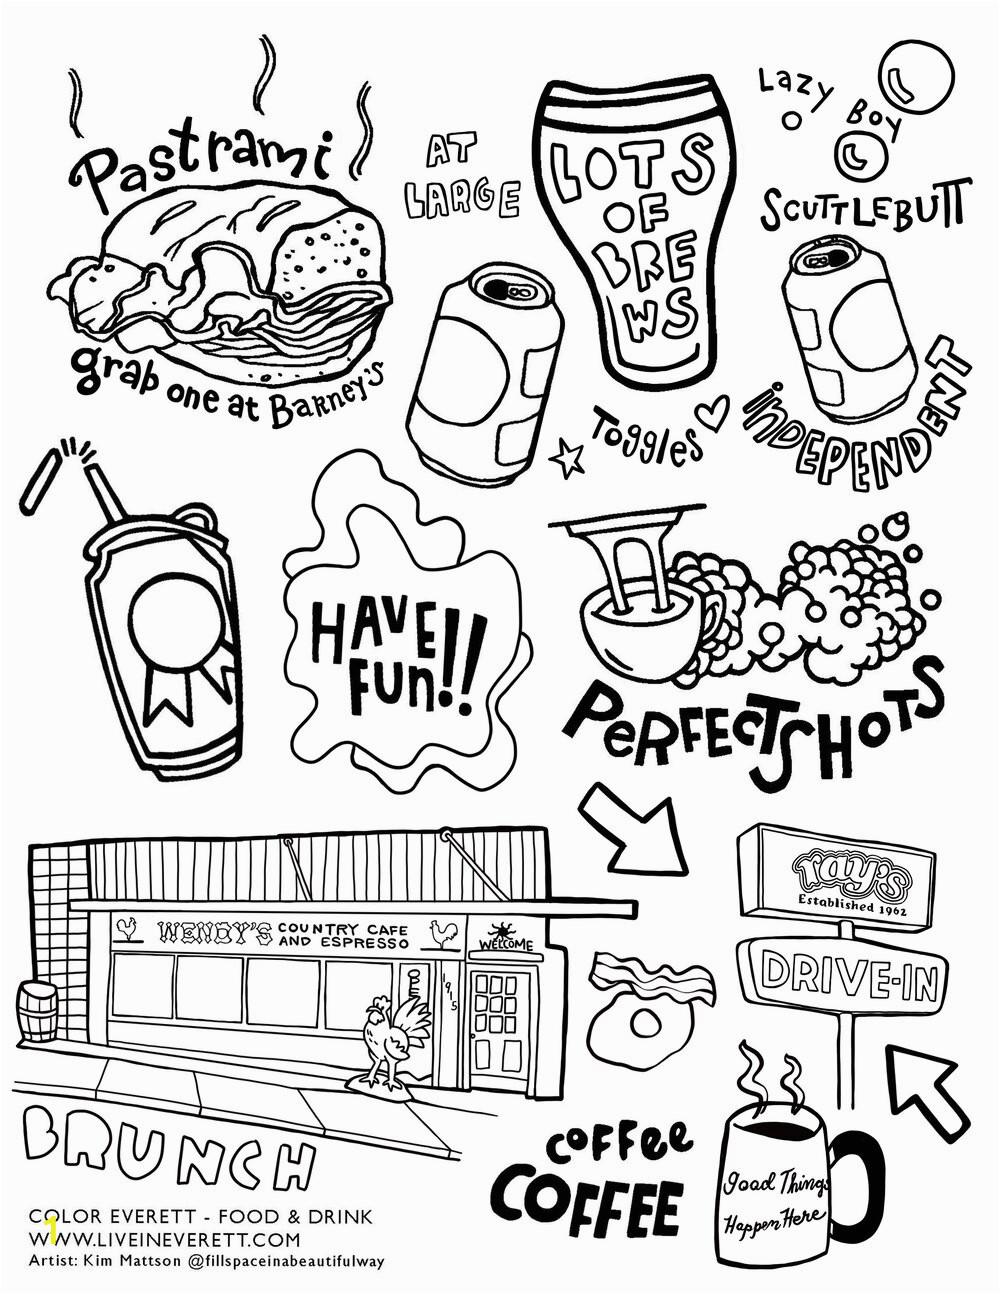 Food & Drink LIE